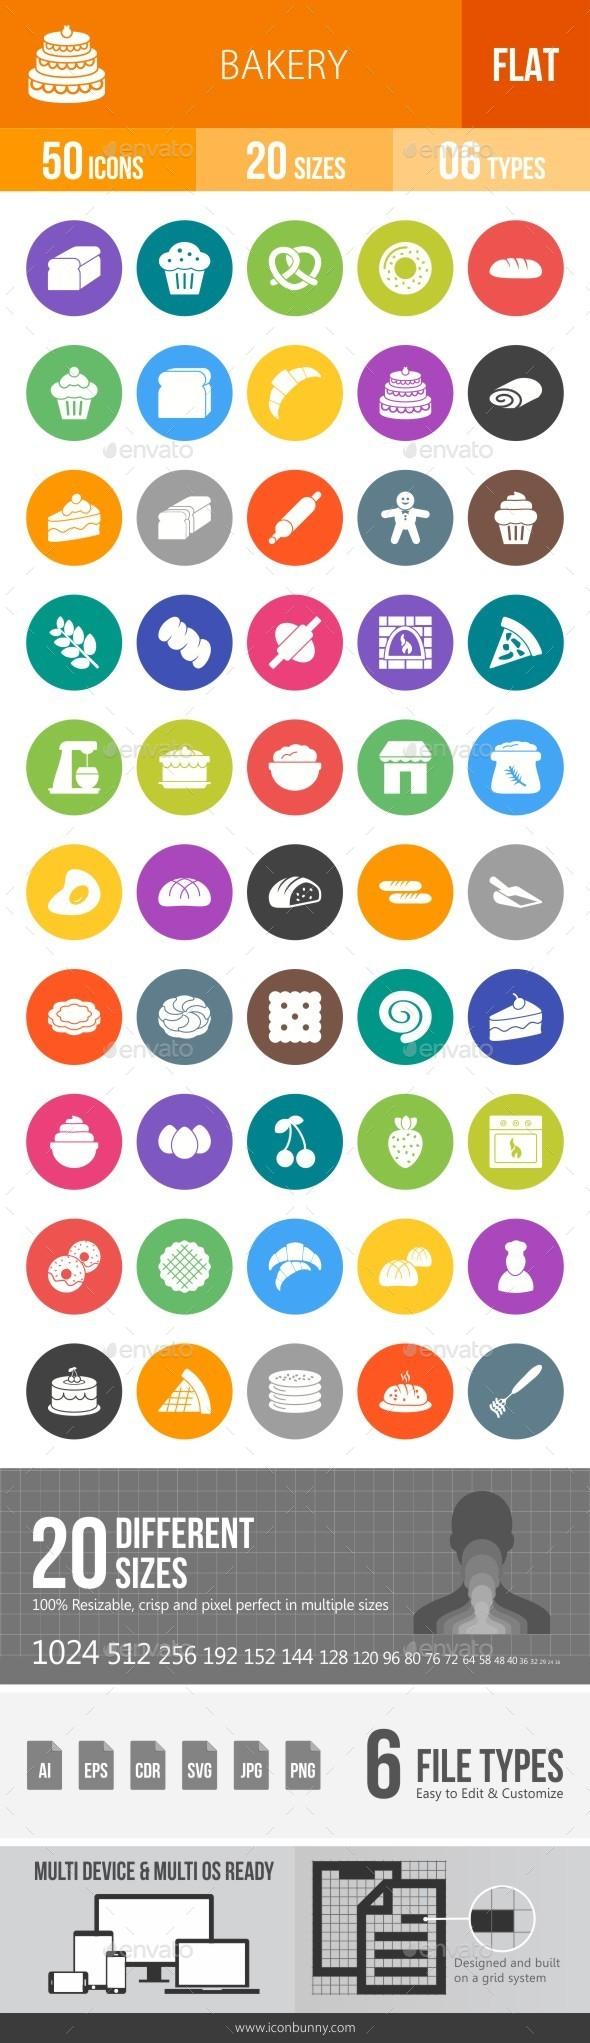 Bakery Flat Round Icons - Icons